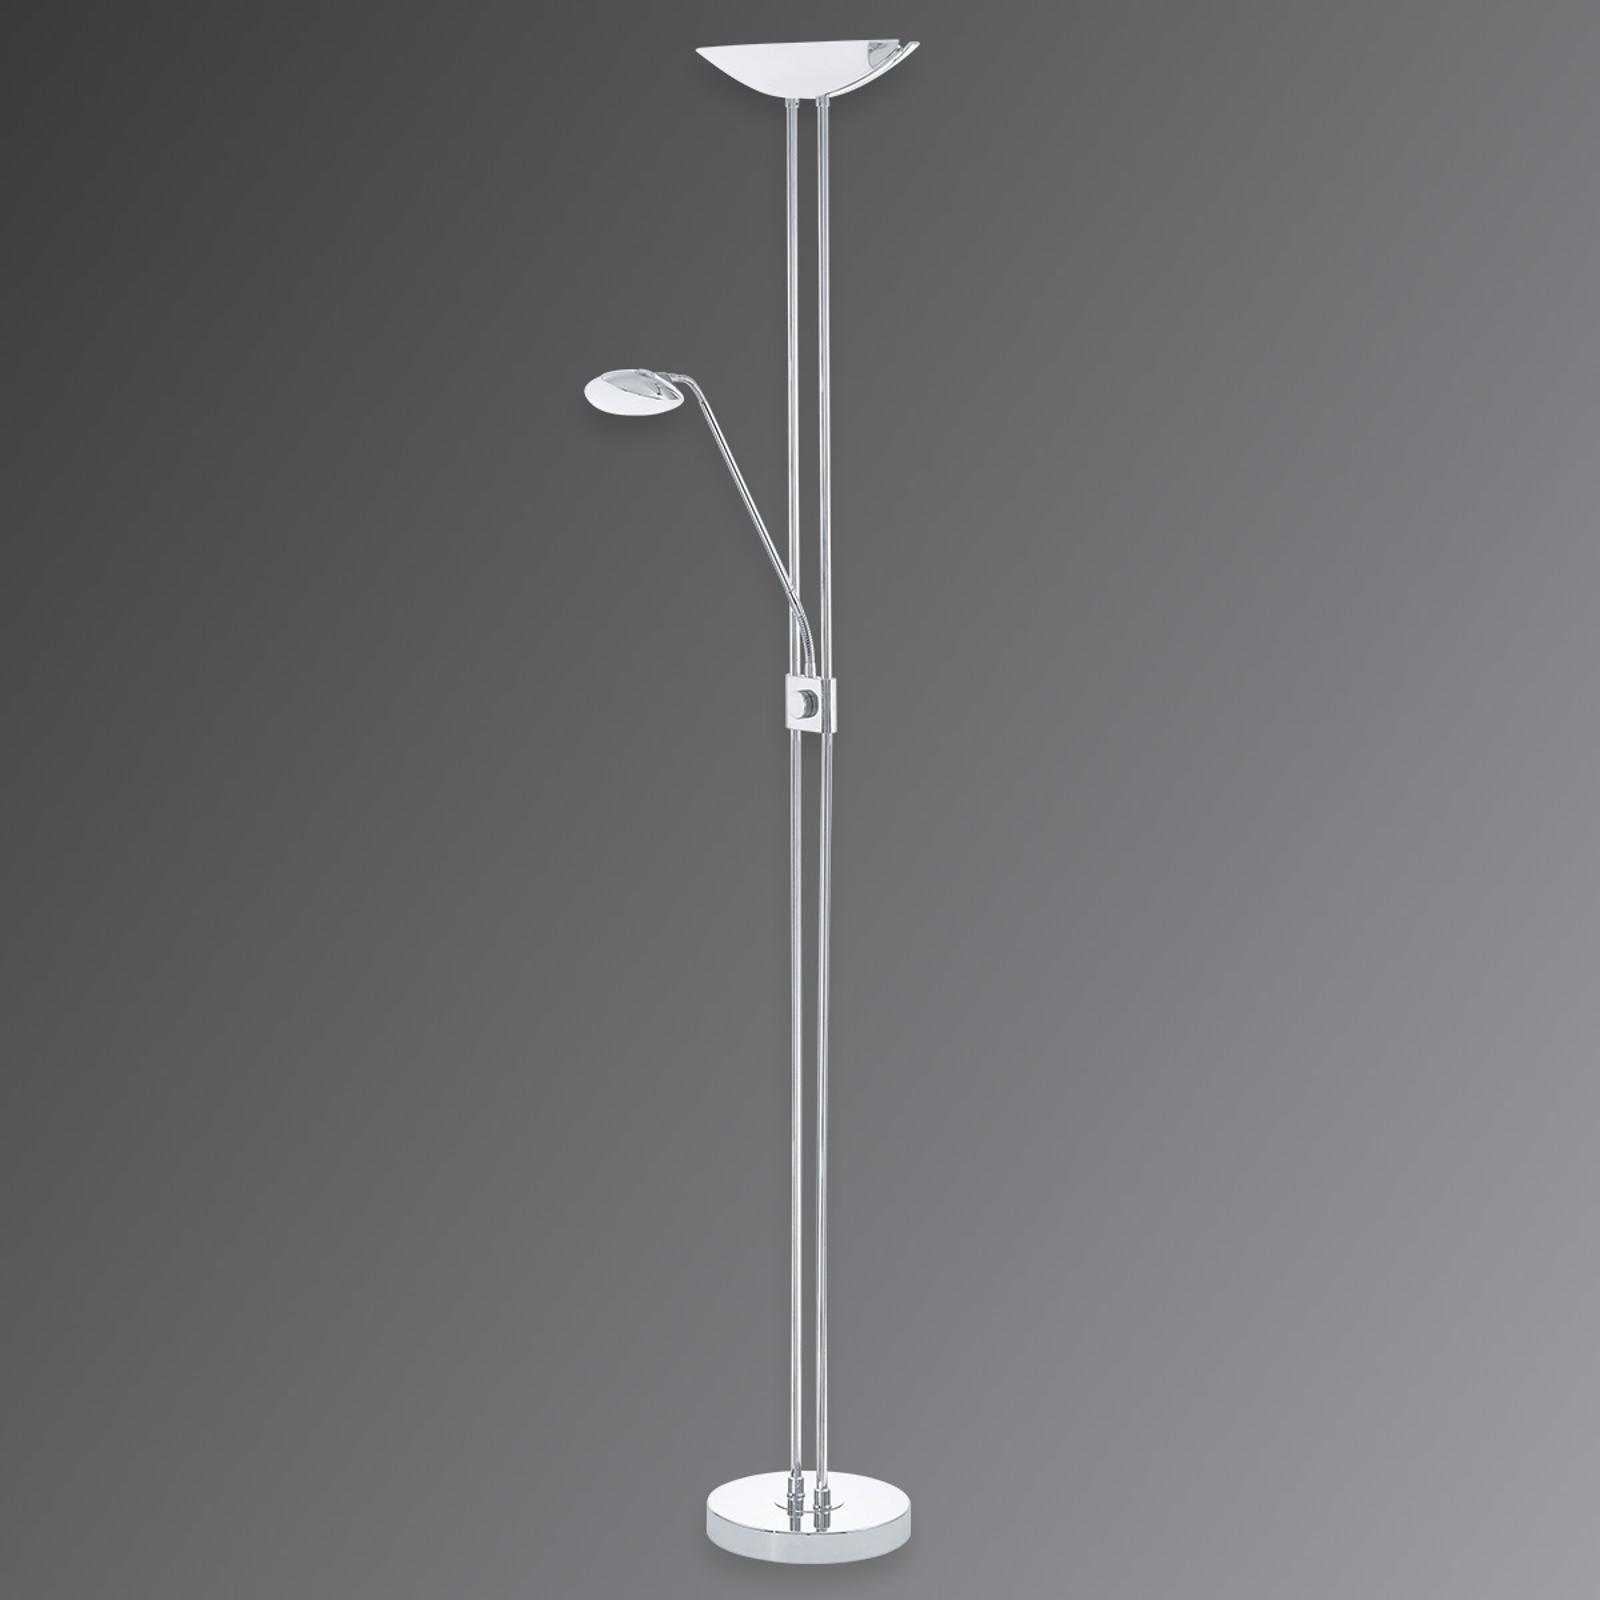 Stropné LED svietidlo Baya svetlo čítanie chróm_3031767_1